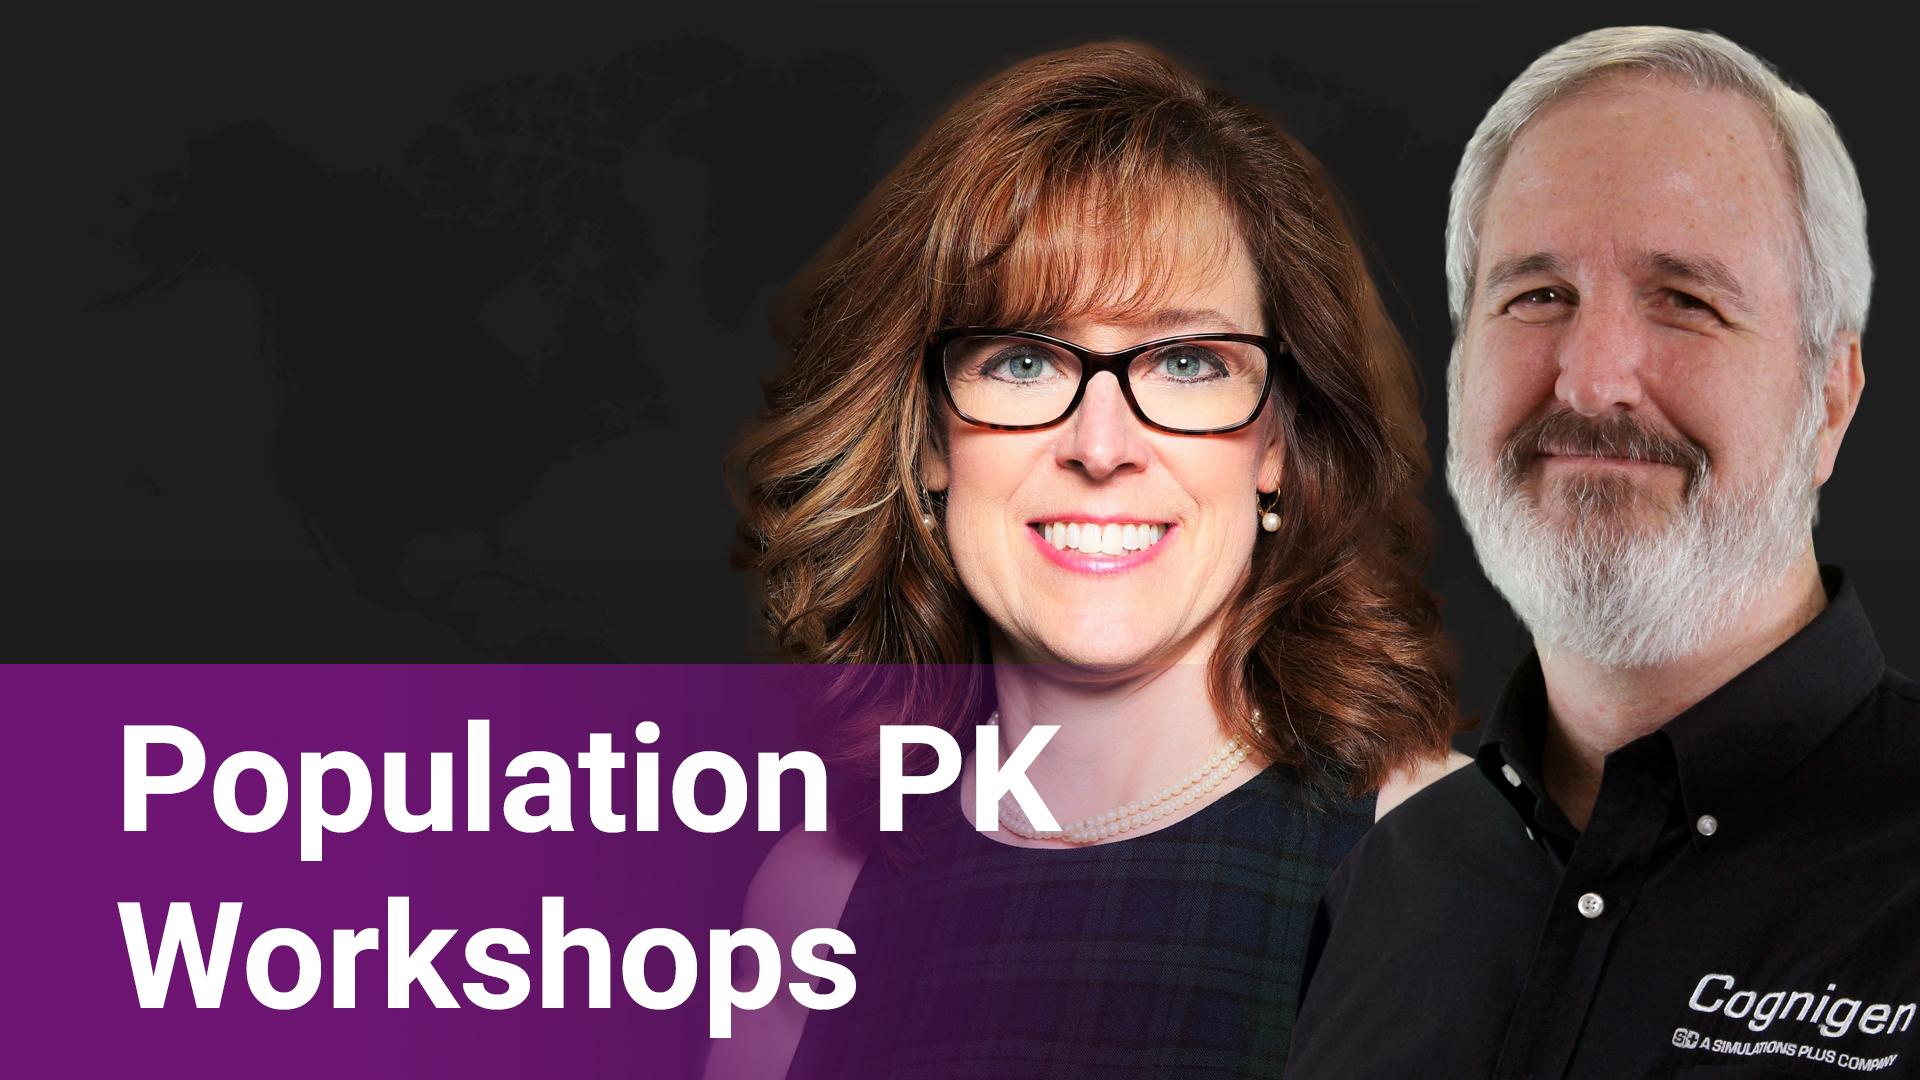 Population PK Workshops